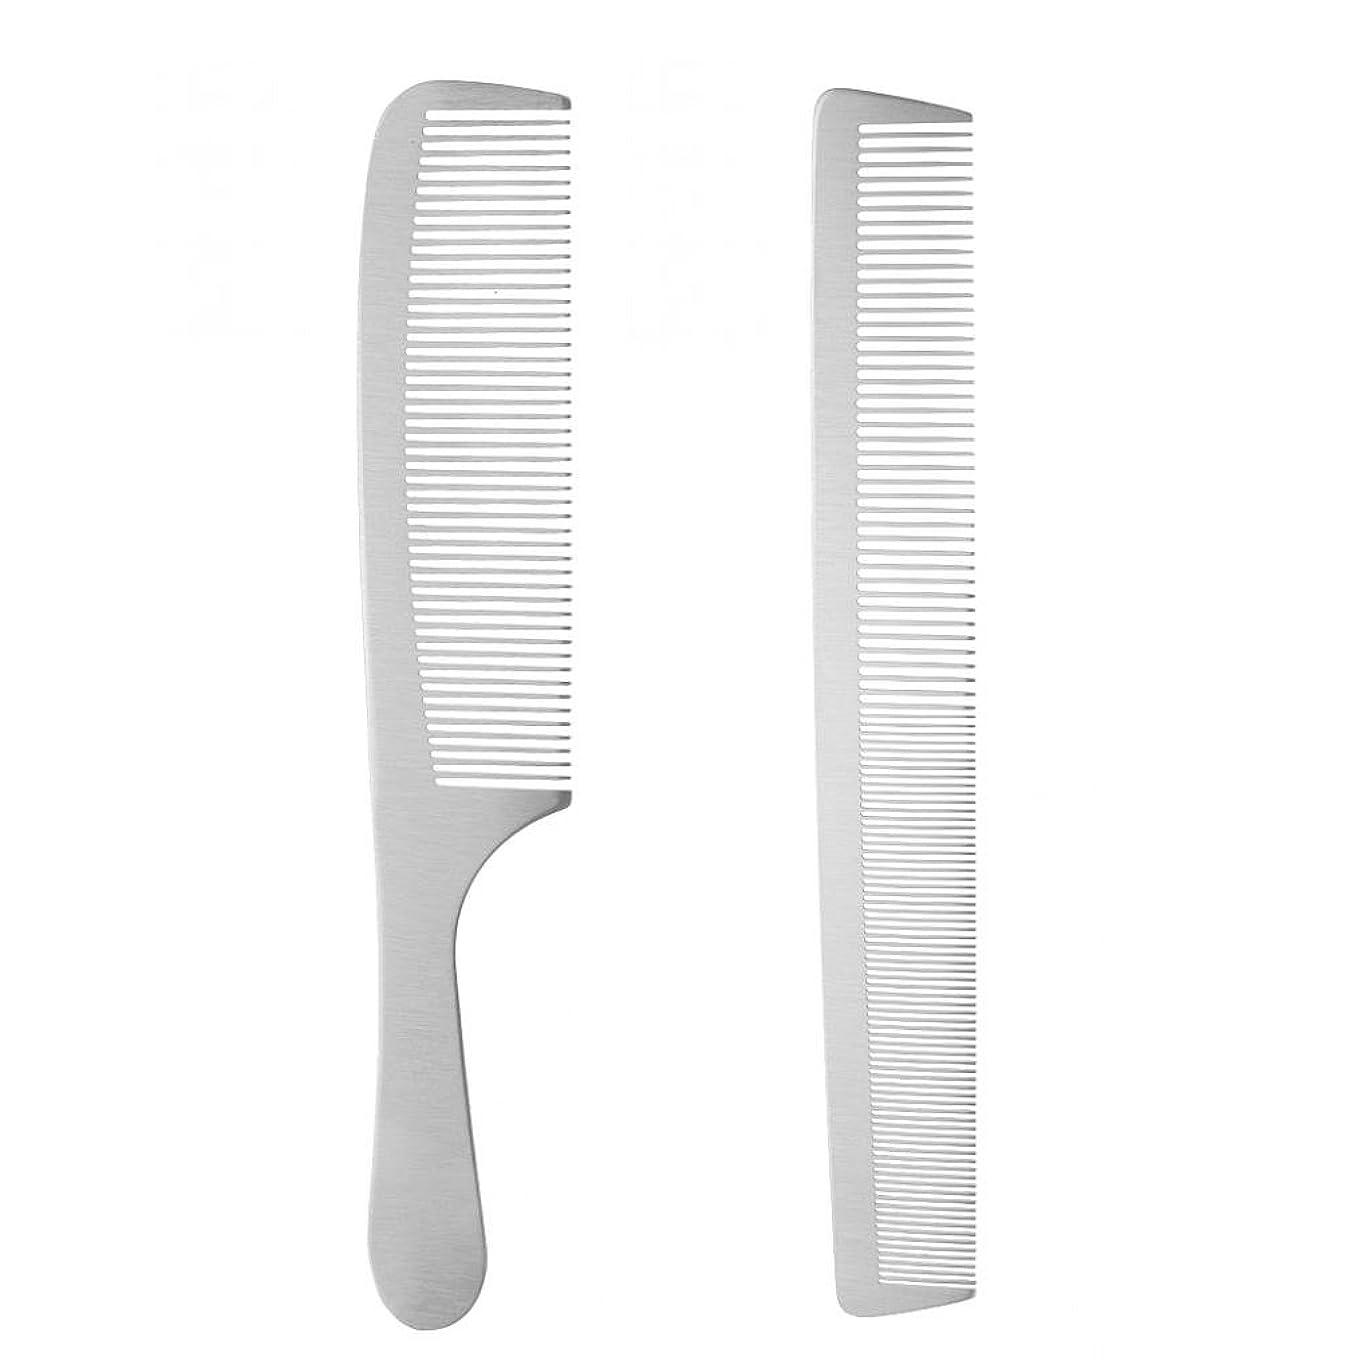 その後しおれたベストBaosity 2個 ヘアスタイリング ヘアカットコーム 櫛 ヘアブラシ ステンレス鋼 サロン 理髪師 カッティング 耐久性 耐熱性